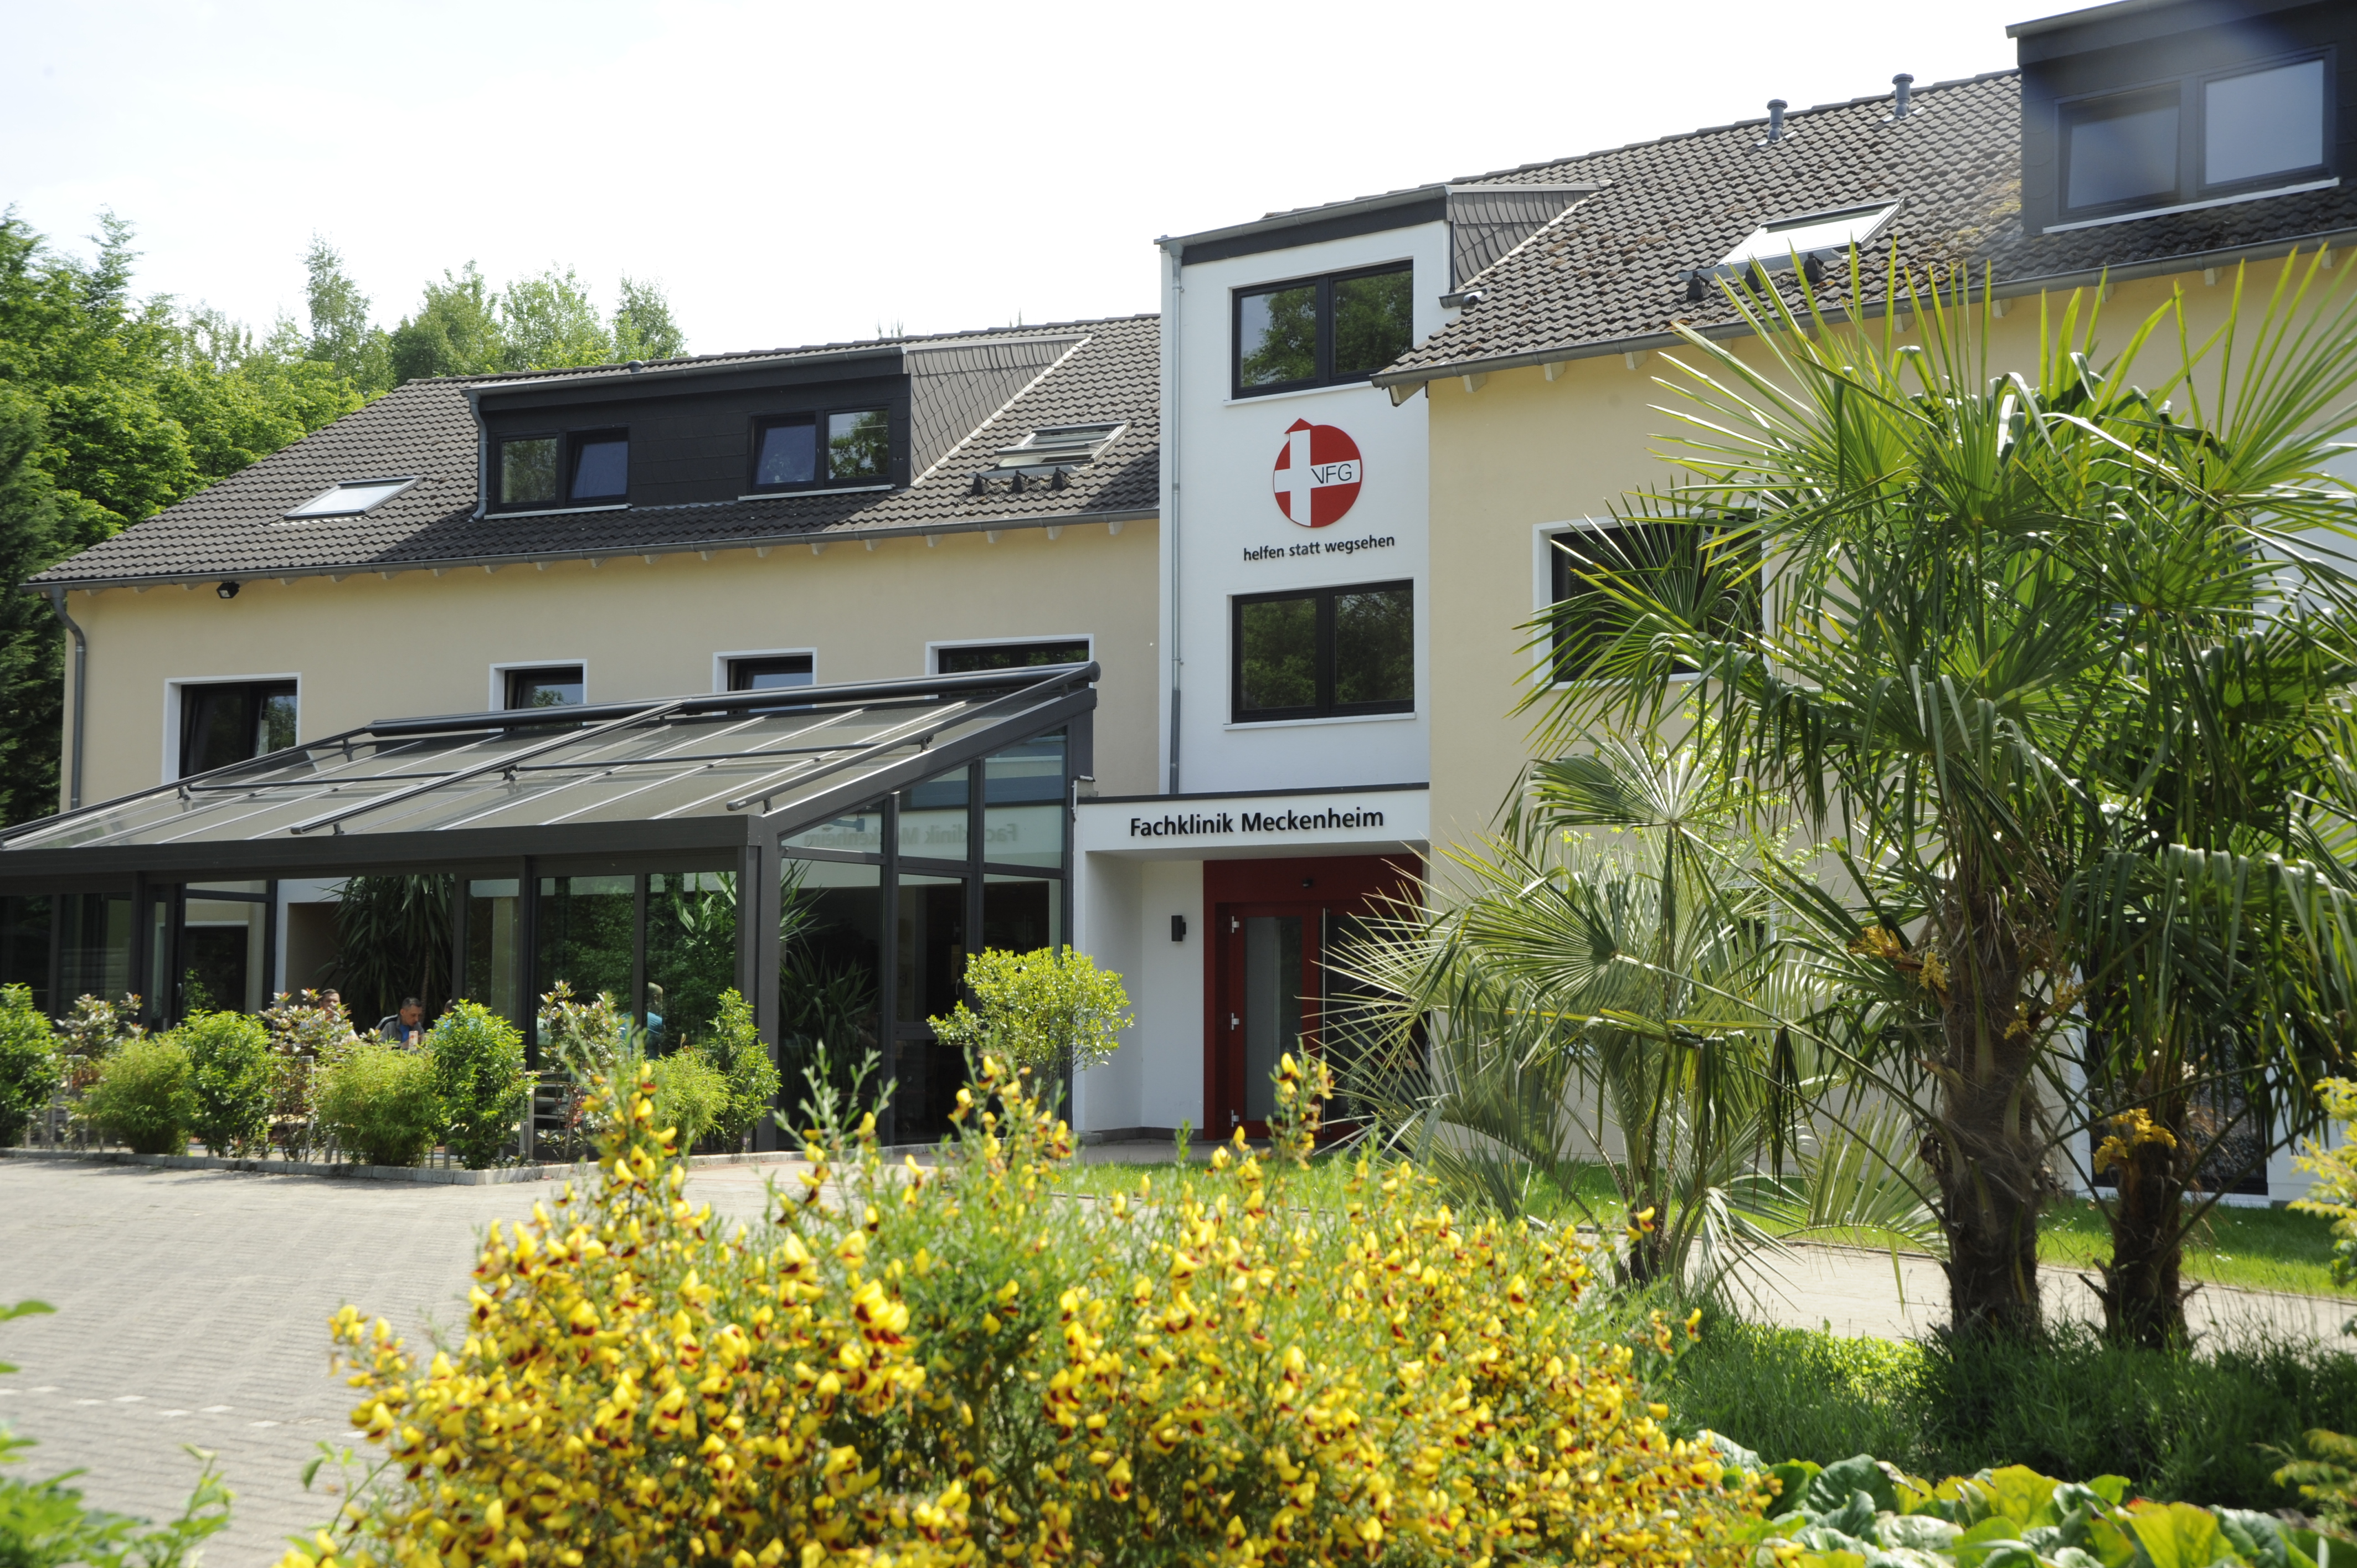 Jubiläumsfest mit Fachtagung in der FKM am 18.09.2018